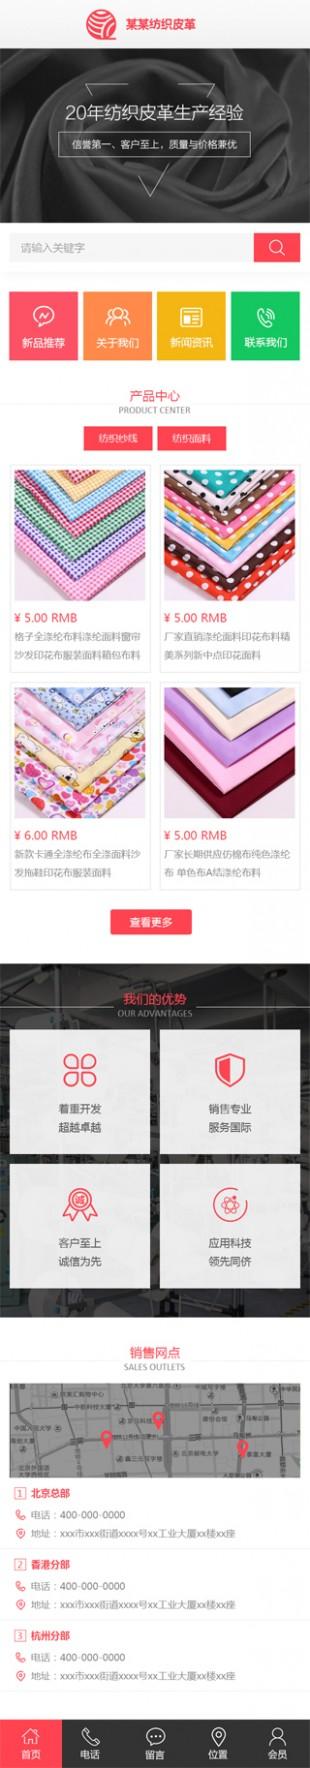 纺织皮革网站建设模板手机图片